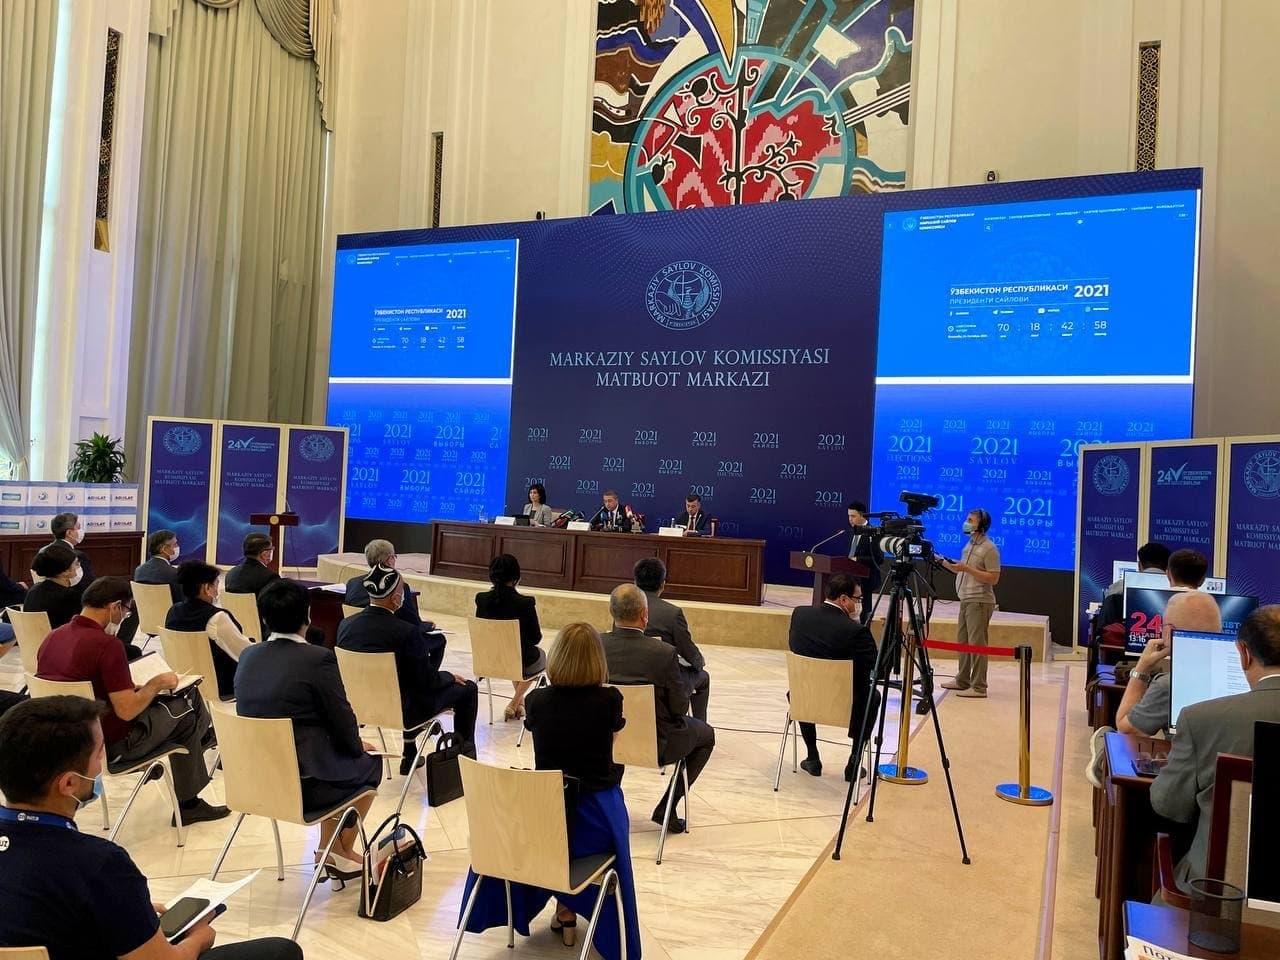 Все пять политических партий Узбекистана получили разрешение на участие в выборах президента